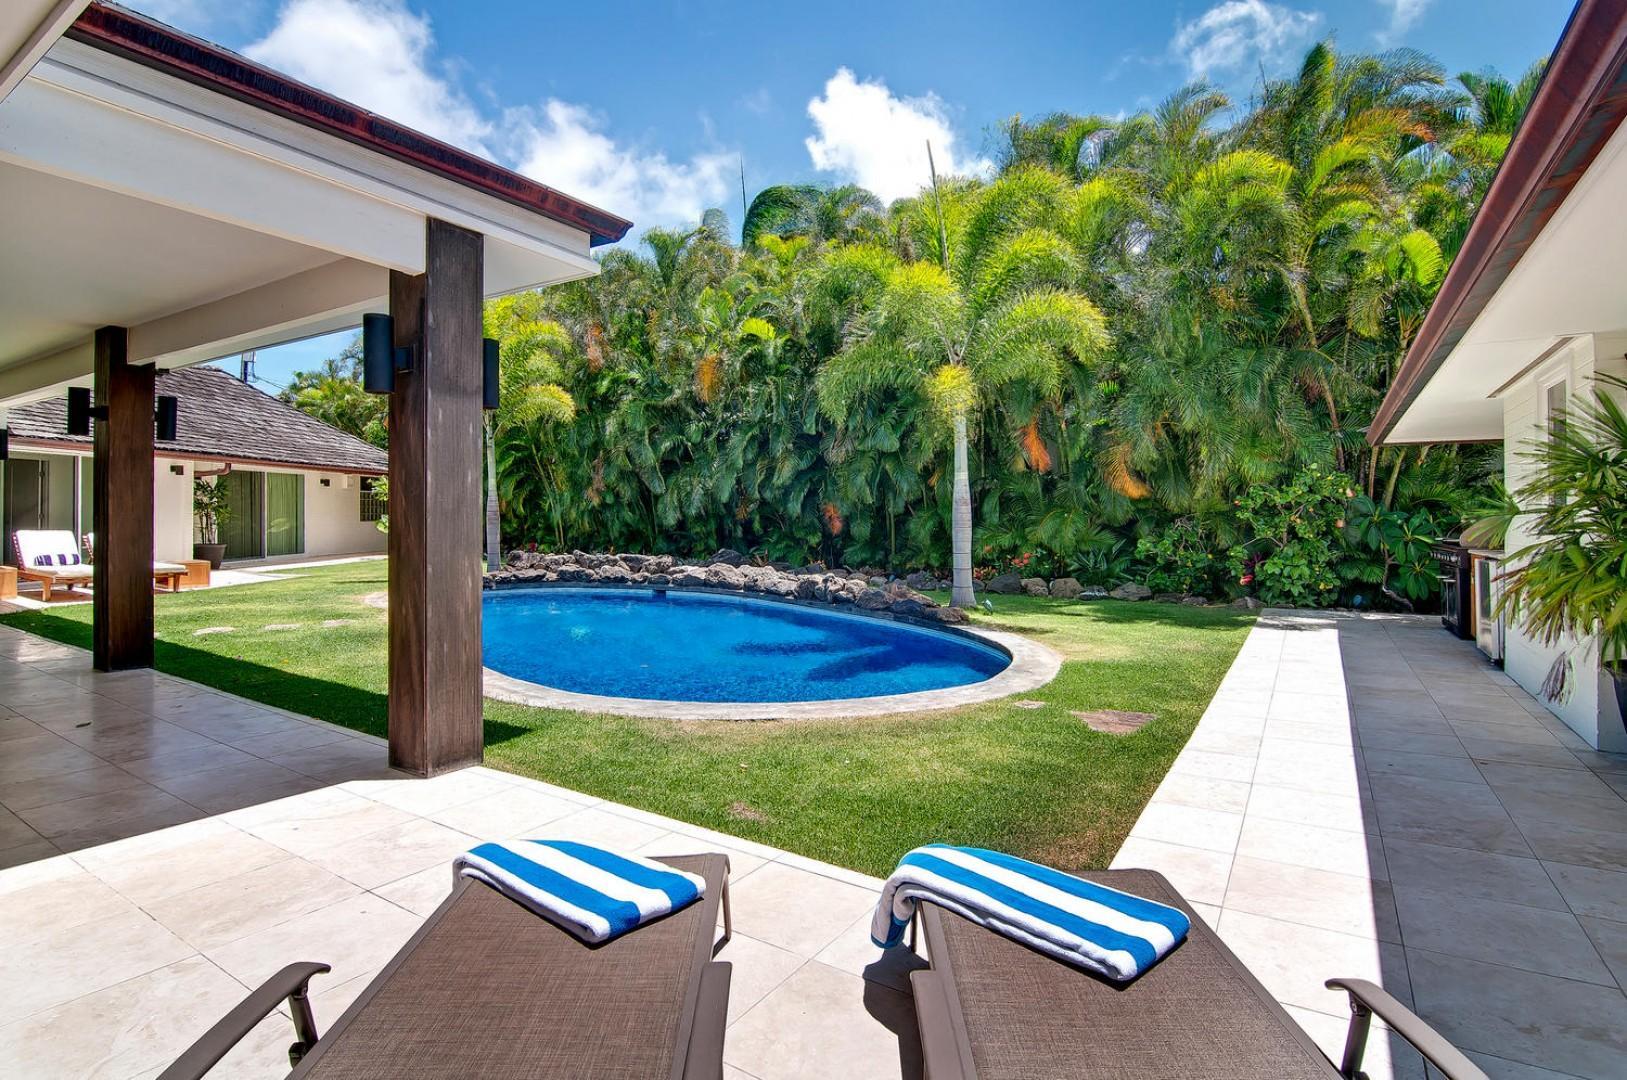 Lounge in the Backyard Near the Pool